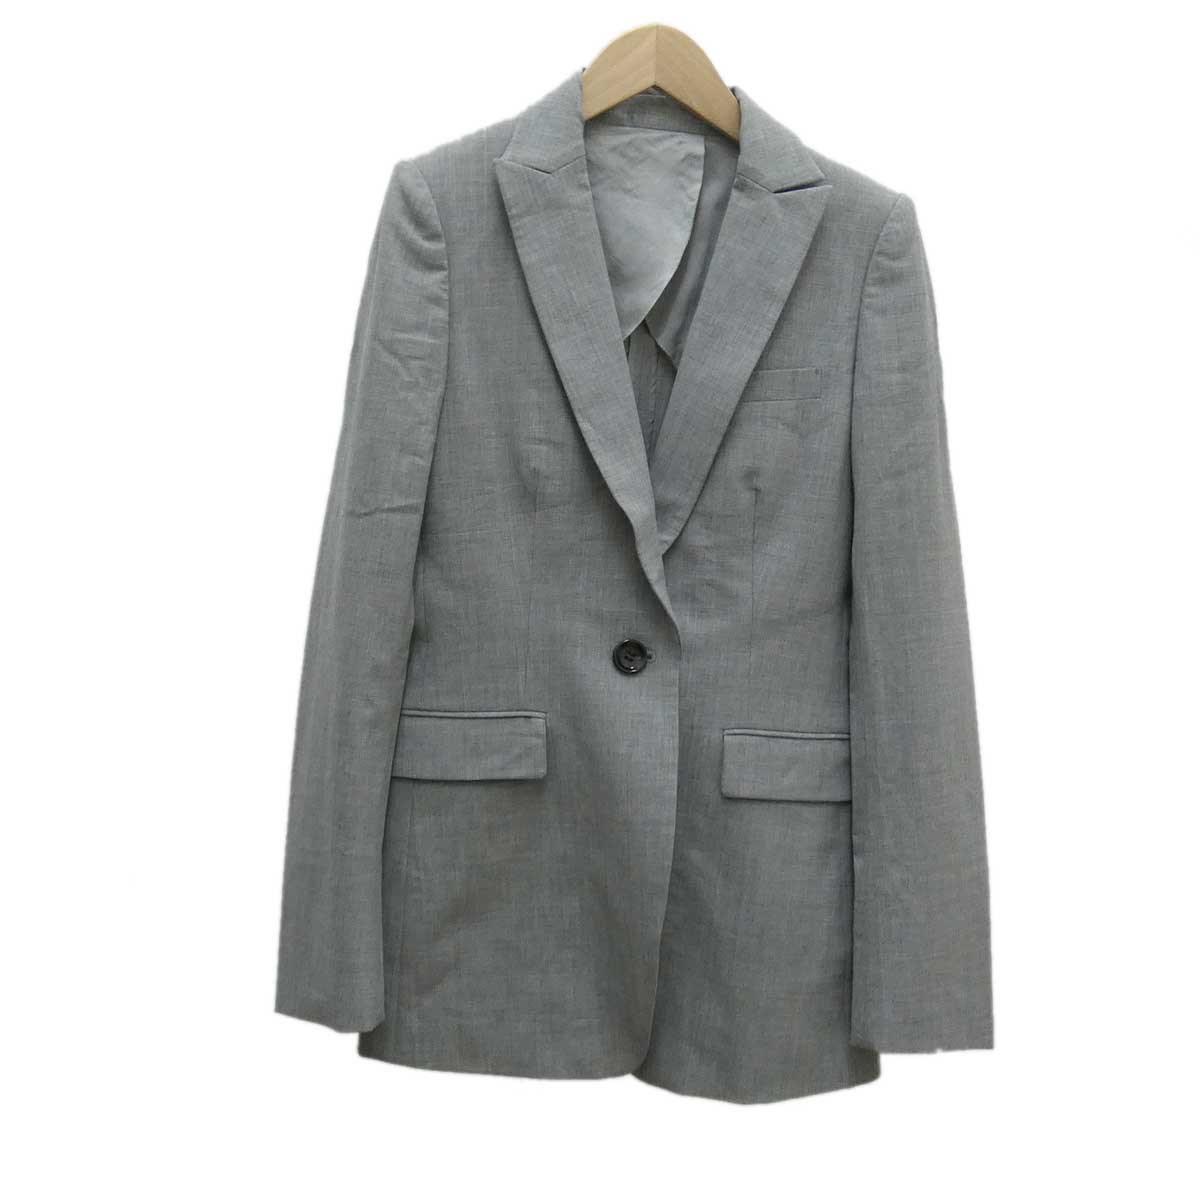 【中古】BURBERRY BLACK LABEL パンツスーツ グレー サイズ:38 【160220】(バーバリー ブラックレーベル)